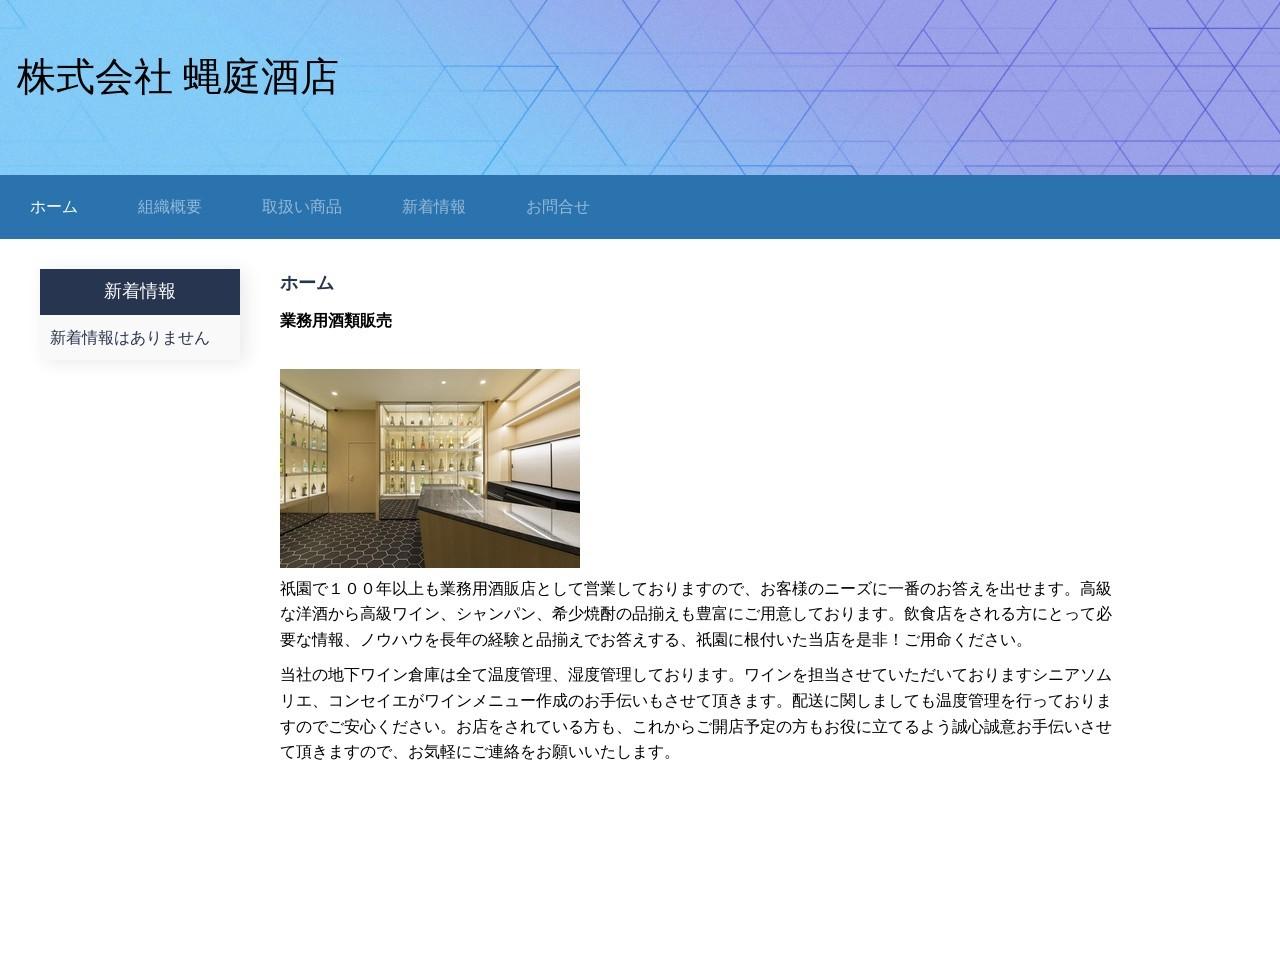 【株式会社 蝿庭酒店】のホームページ